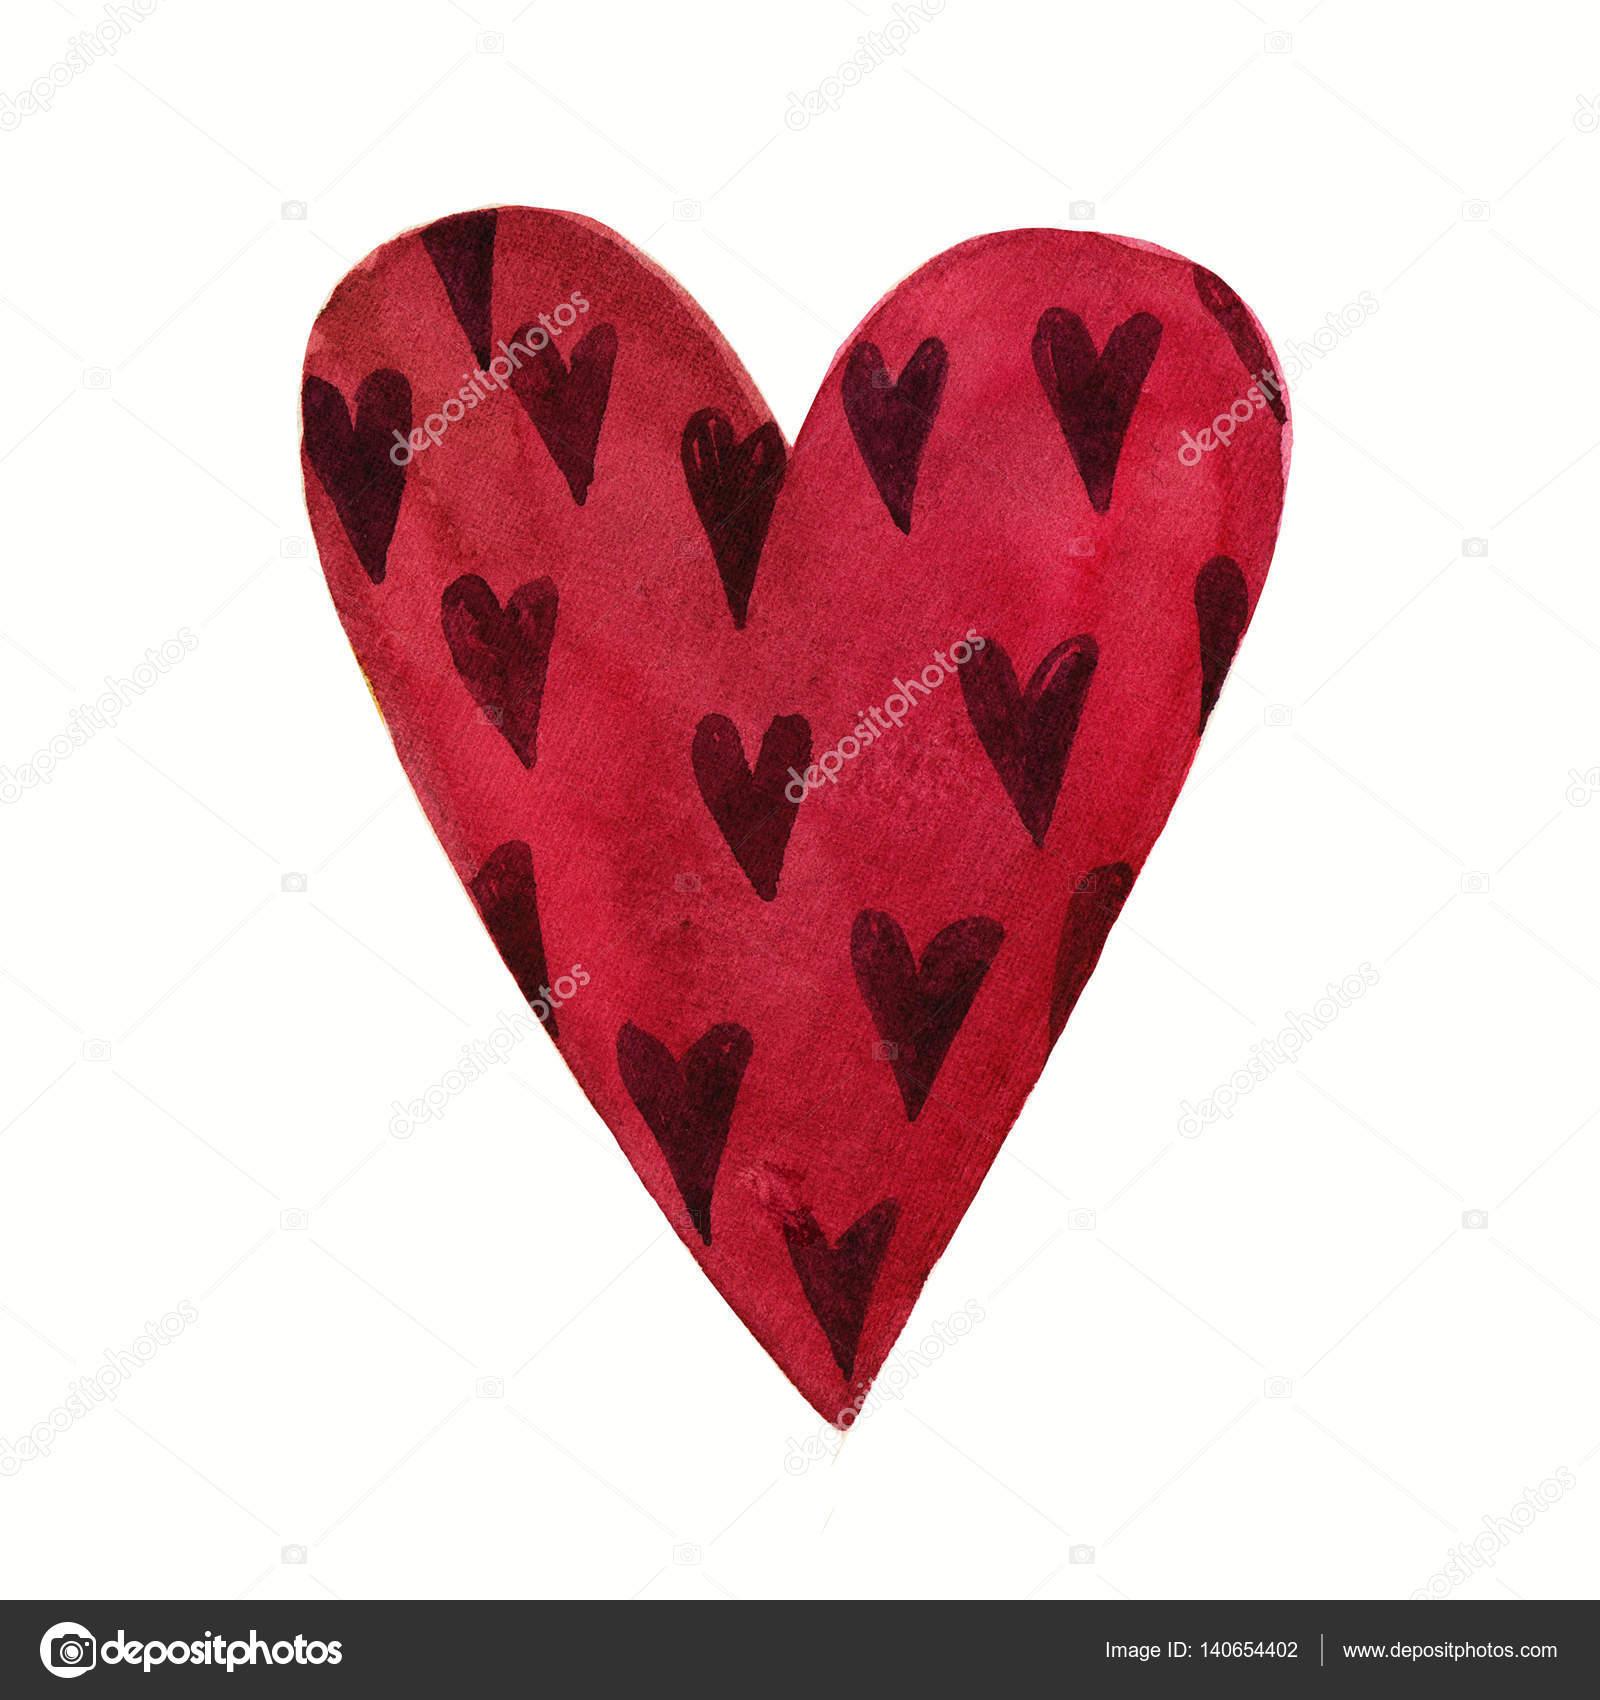 99dbe727f8ce30 Śliczny akwarela kreskówka miłość serce Walentynki wzór. Kolorowe  ilustracje Burgundii na białym tle. Idealne na wakacje Walentynki. Dobre  dla karty miłość, ...